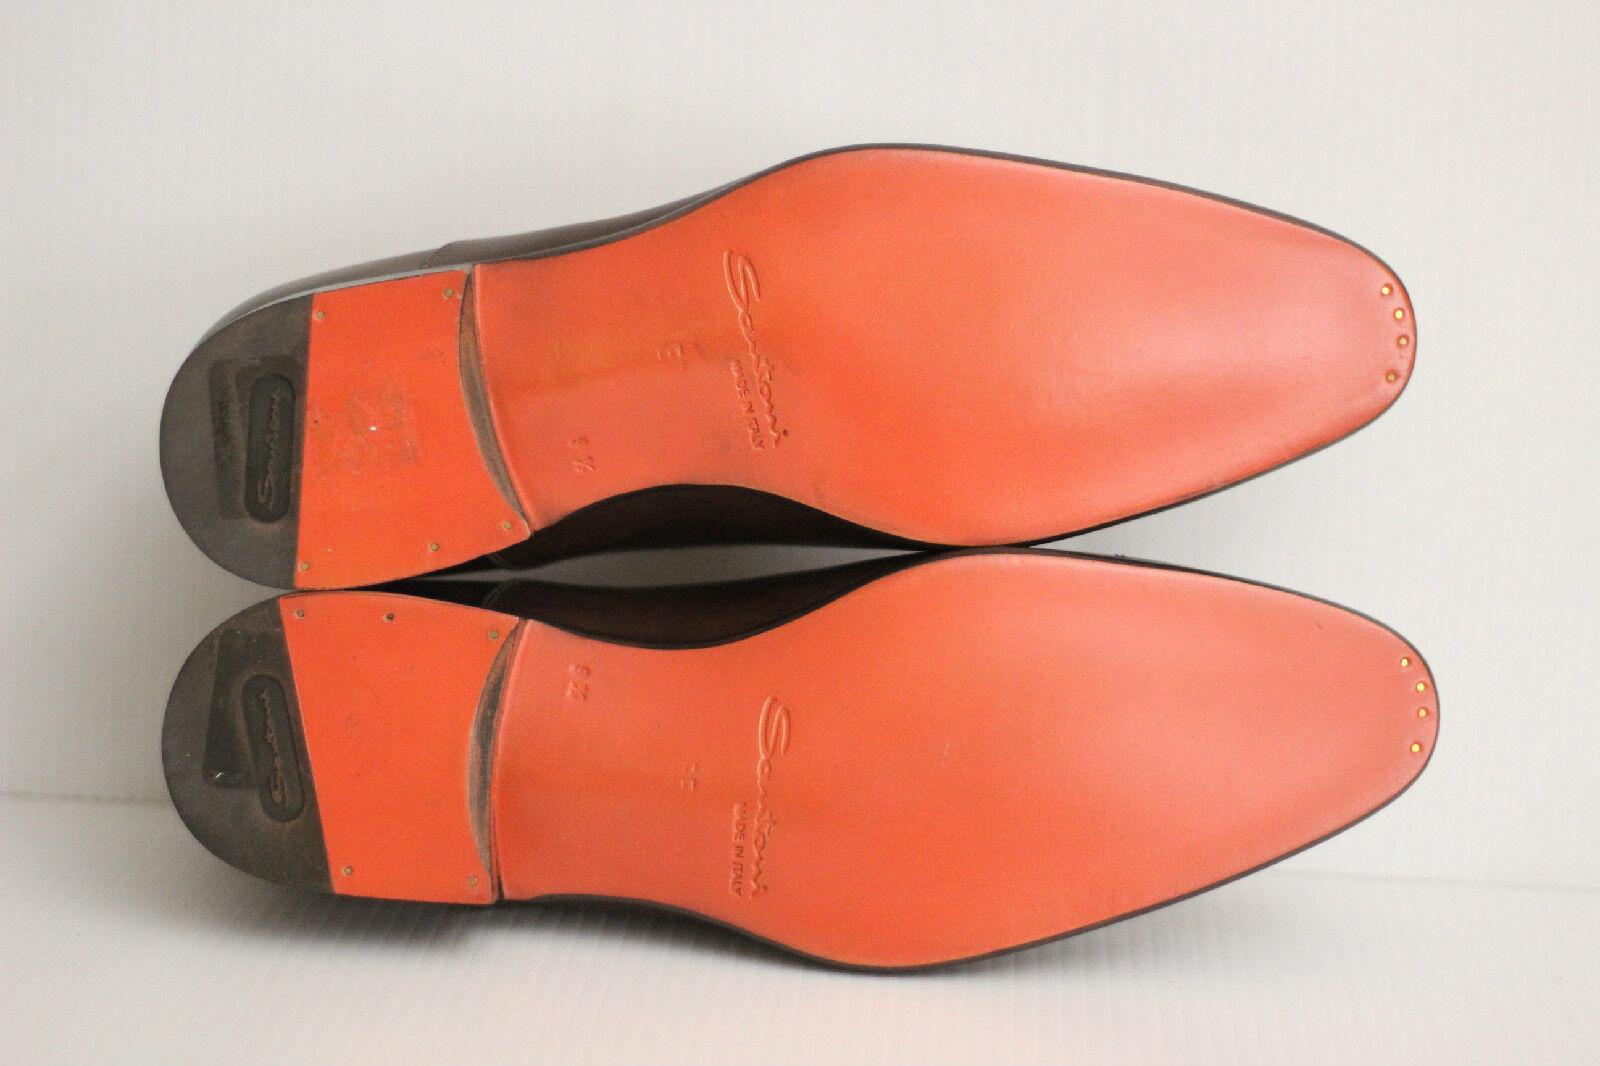 NEW Santoni Santoni Santoni 'Stafford' Cap Toe Oxford - Dark Brown - Size 9.5 EE   798 (R29) 056cd1